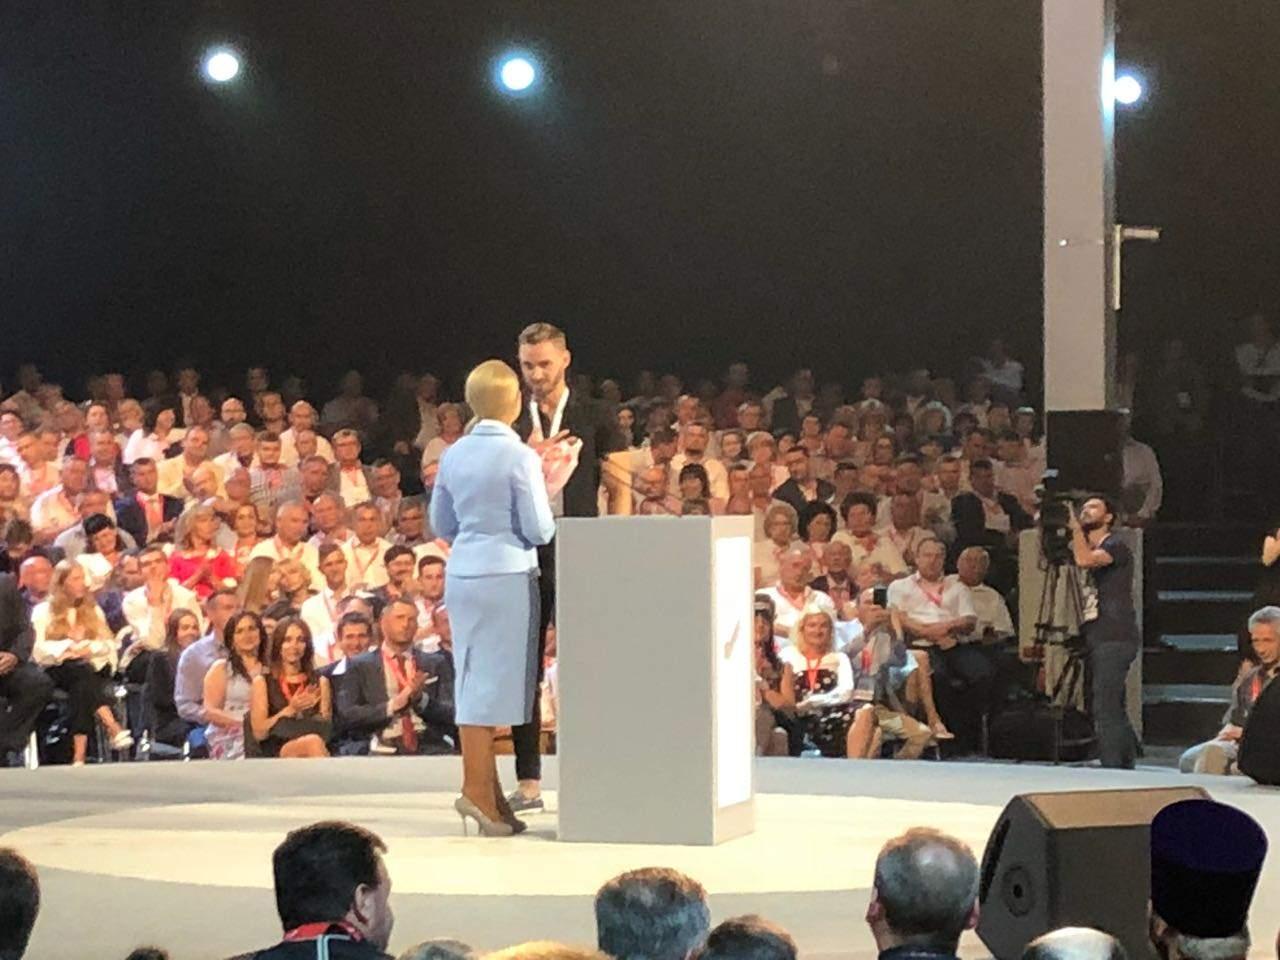 На форуме мужчина вручил Тимошенко цветы, а после оголил перед ней торс (фото)